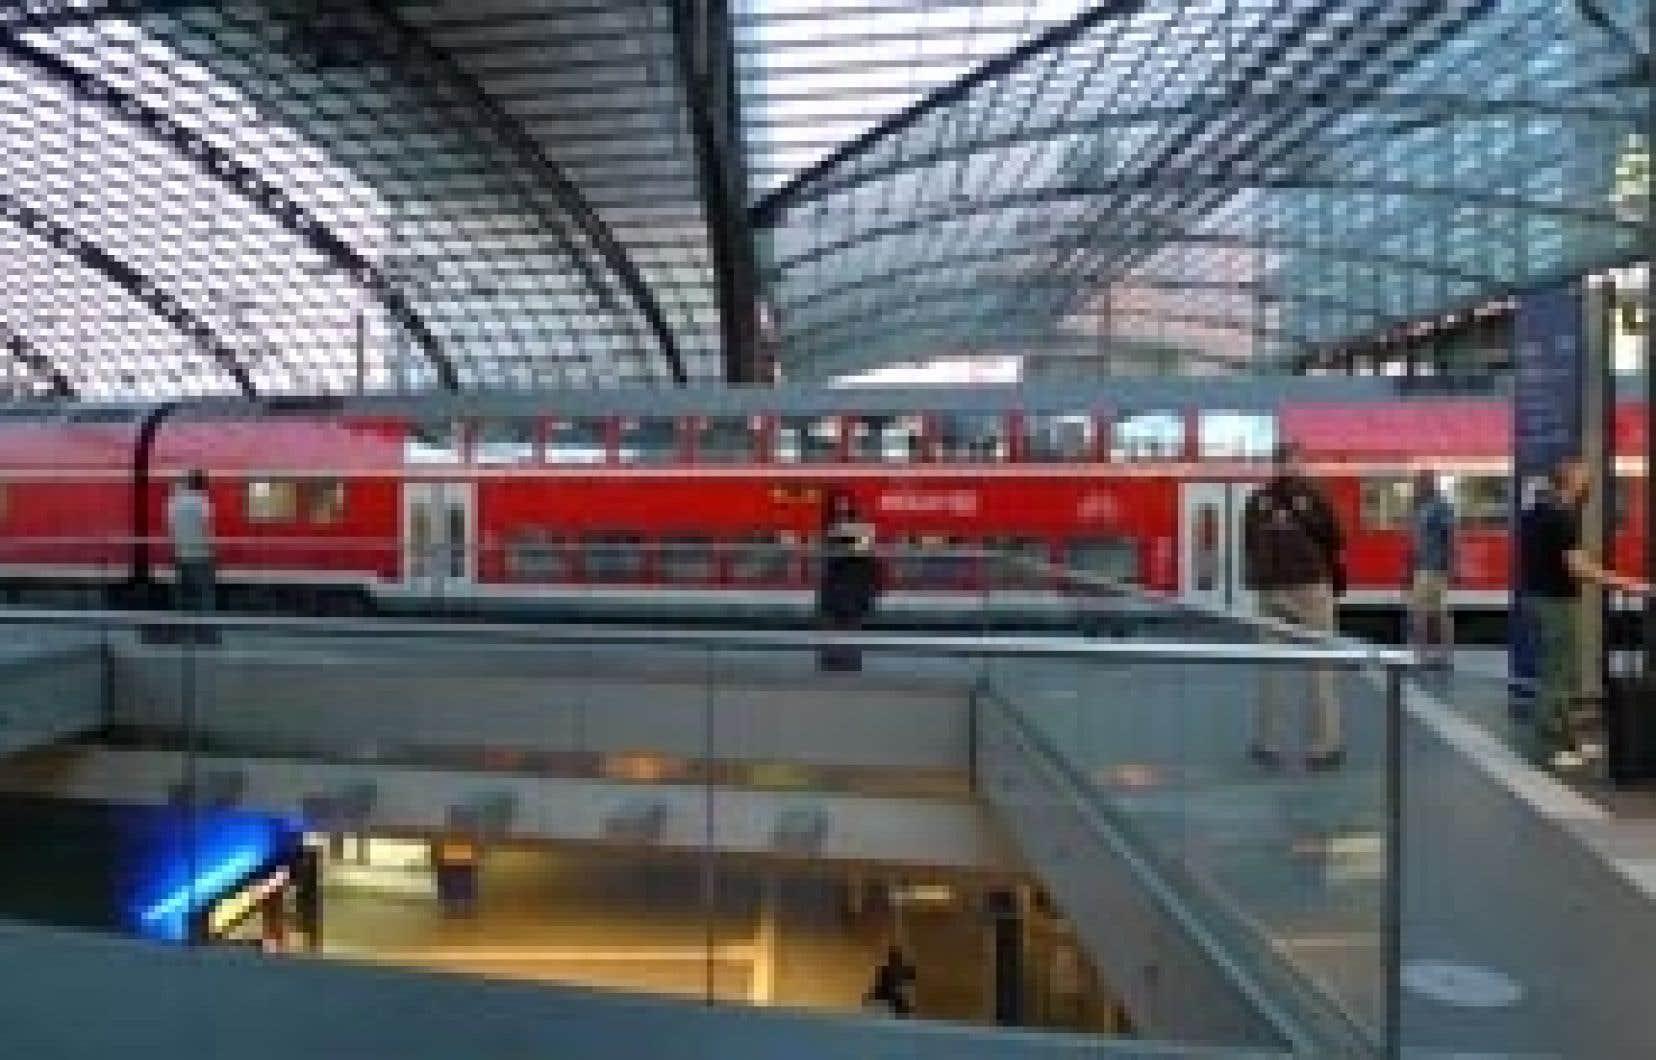 Berlin Hauptbahnhof, la principale gare de la ville et la plus importante en Europe par sa taille. Construite d'après les plans de l'architecte Meinhard von Gerkan, elle fut inaugurée le 26 mai 2006, après plus de 11 ans de travaux. La gare est un